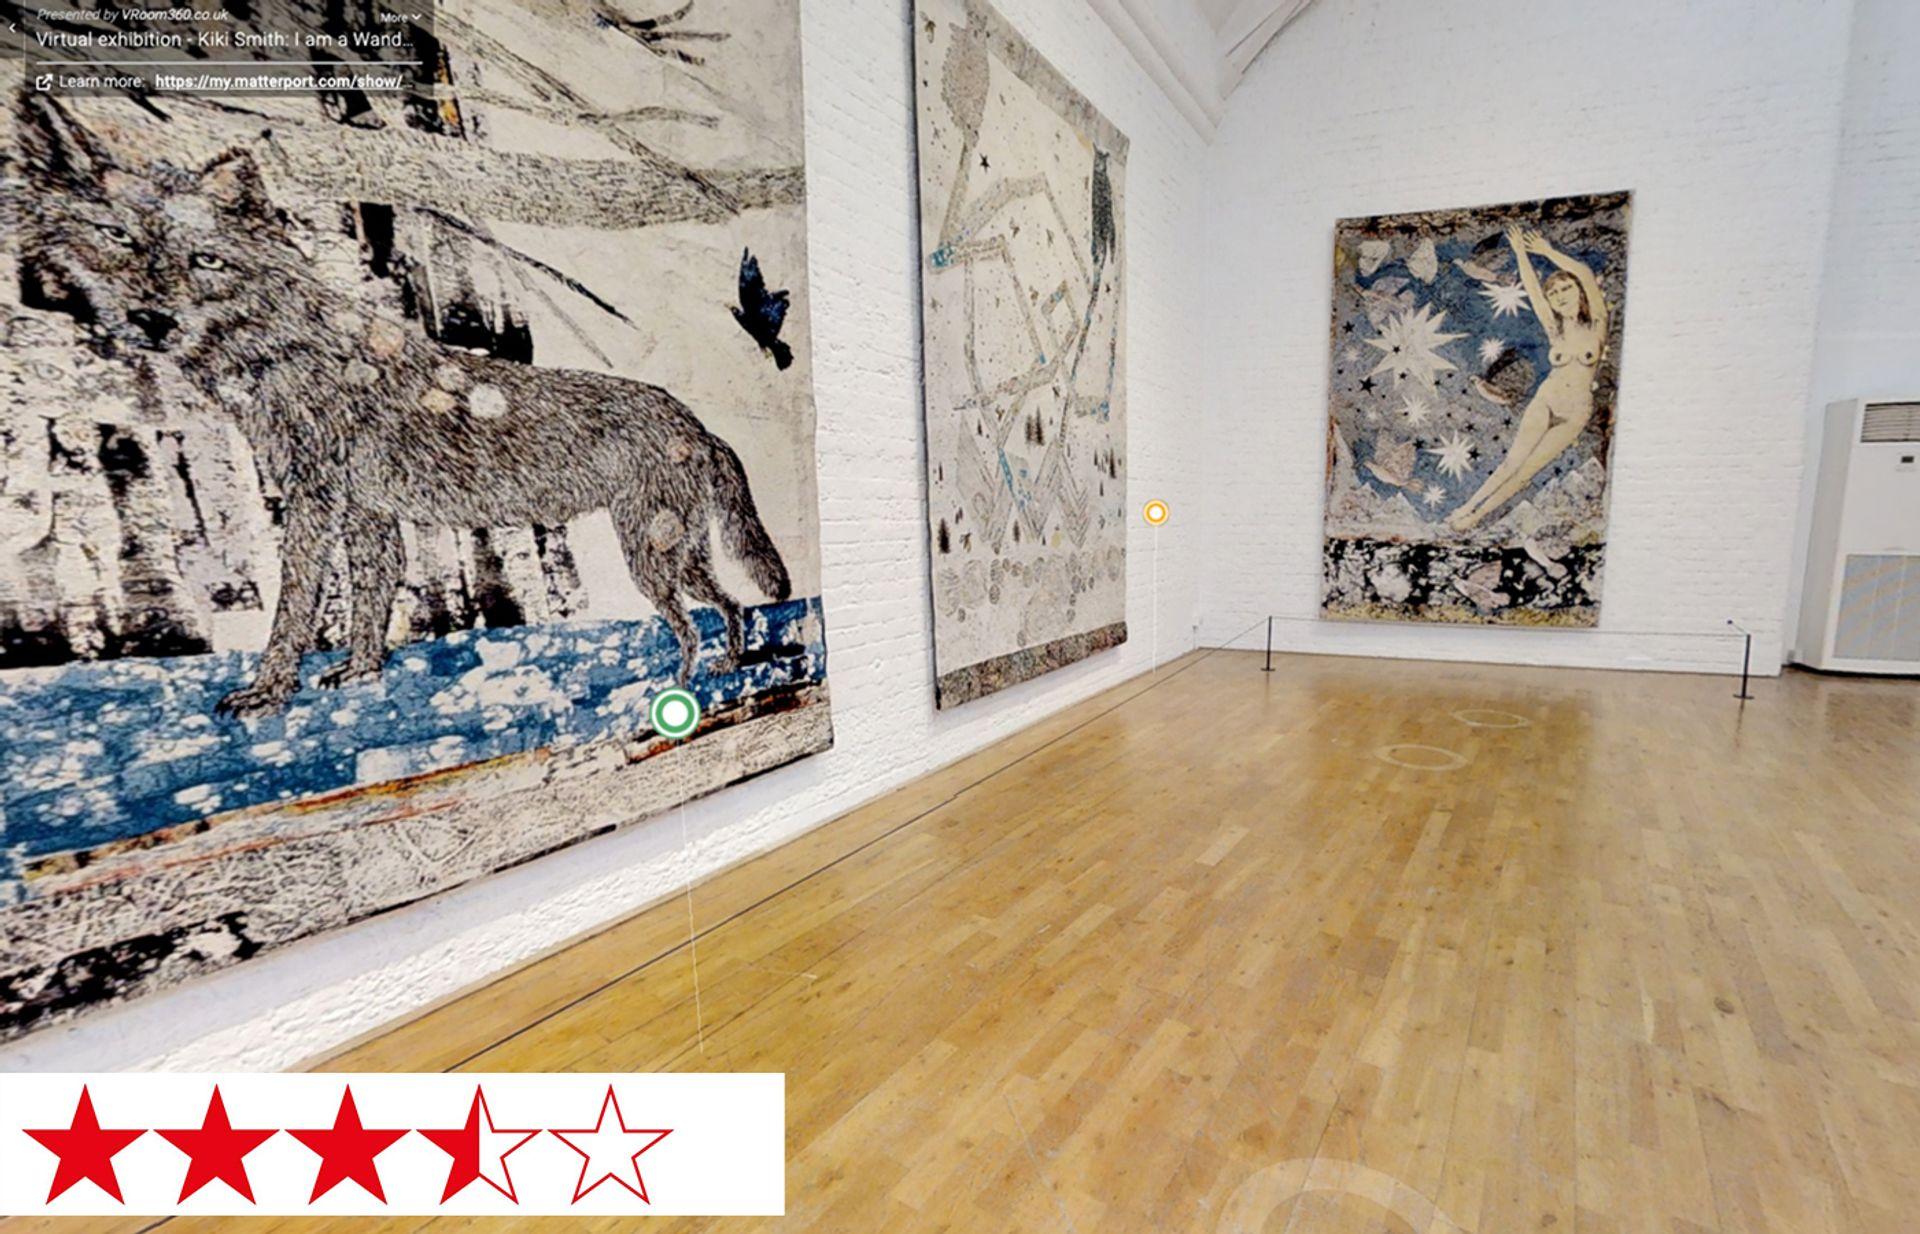 Kiki Smith's I am a Wanderer at Modern Art Oxford